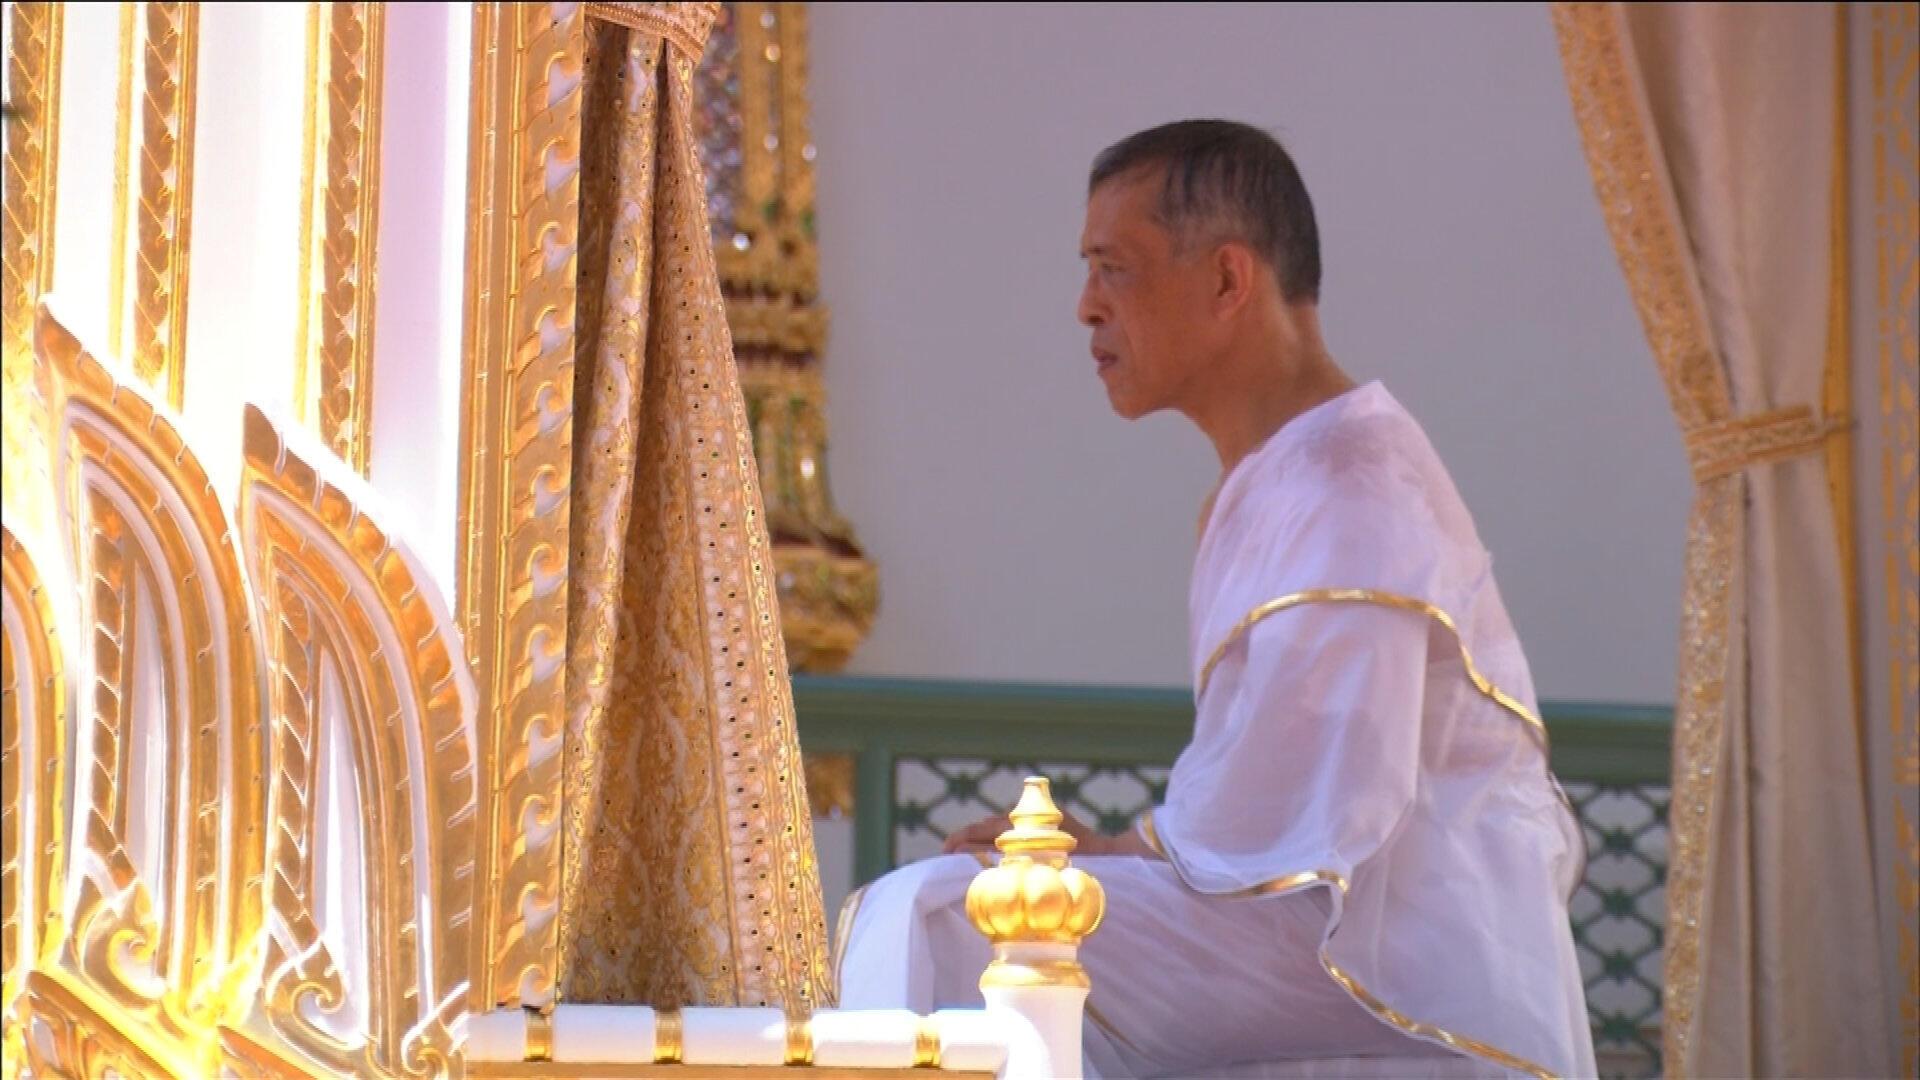 Rito de purificación del rey Maha Vajiralongkorn durante la creemonia de coronación, 4 de mayo de 2019.